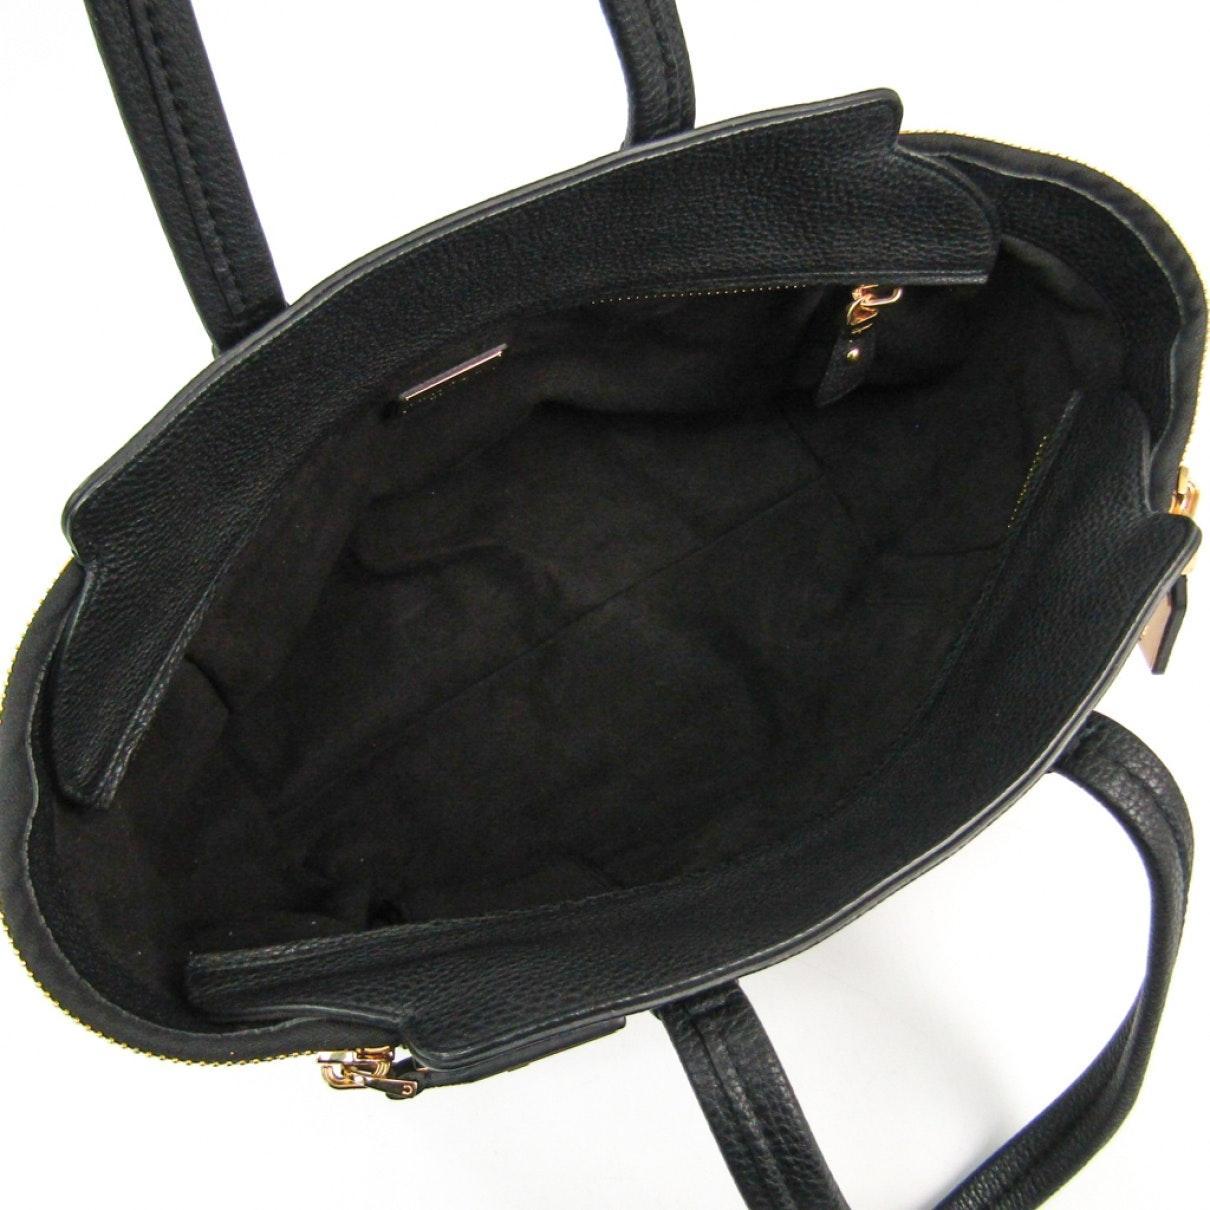 Ferragamo Leder Handtaschen in Schwarz QdBV8